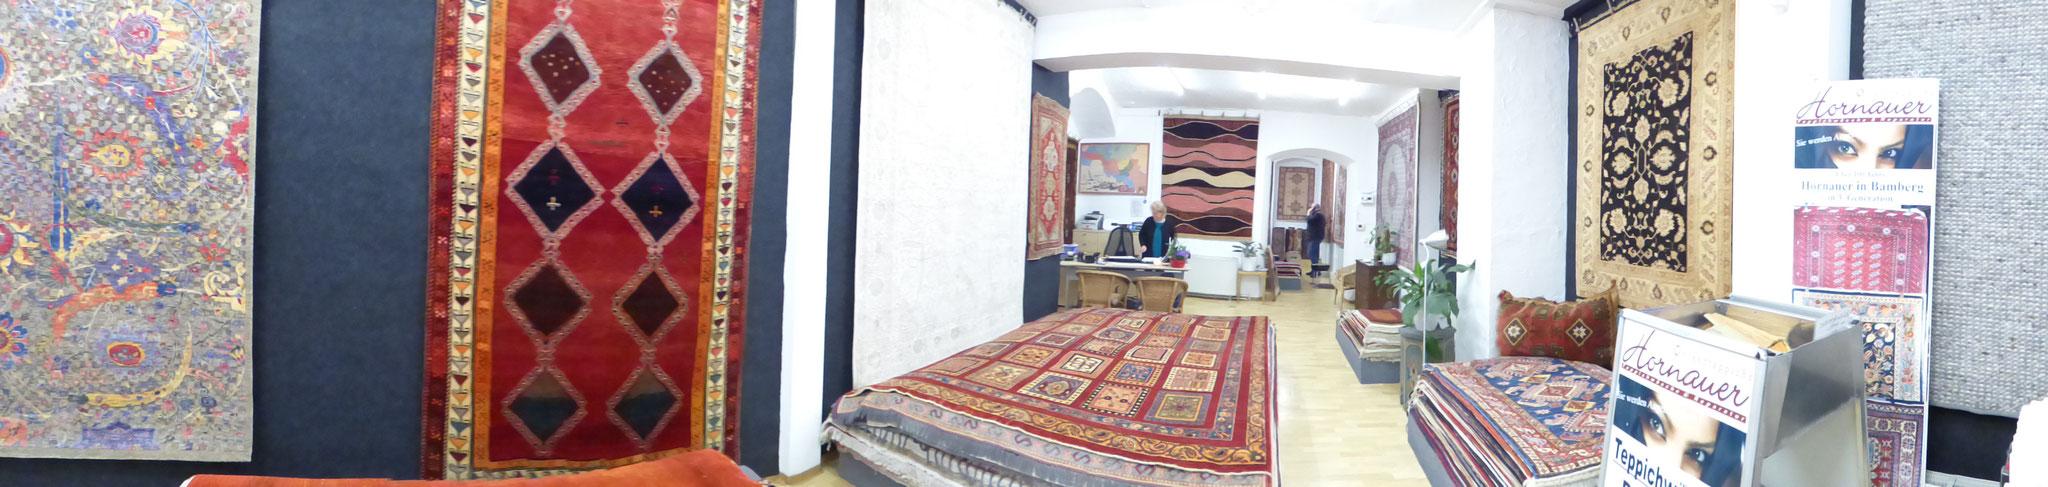 Ein vielseitiges Sortiment an hochwertigen Teppichen